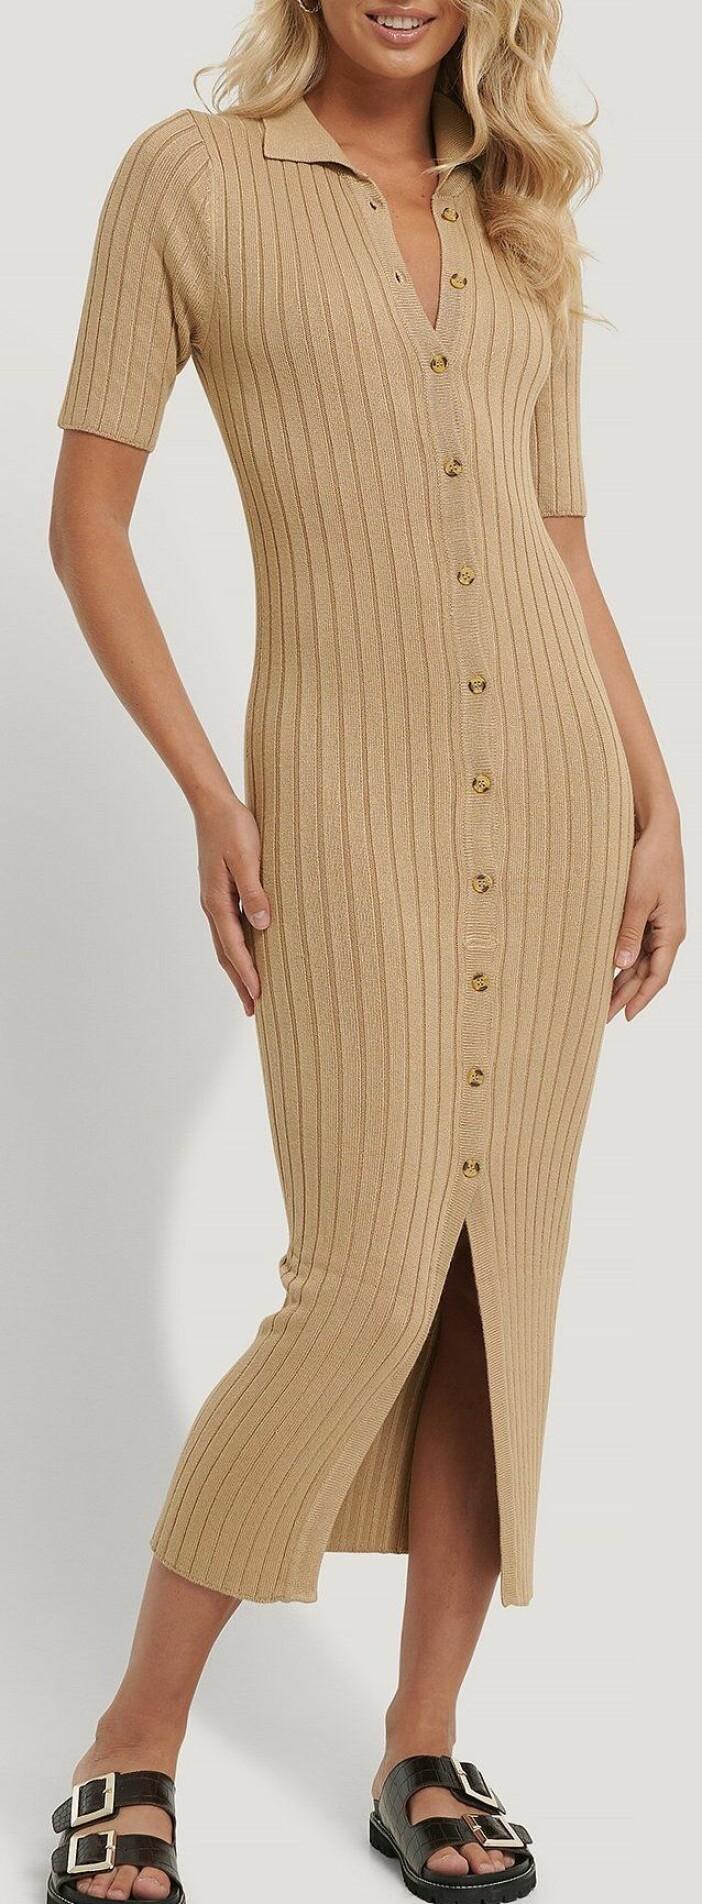 Ribbstickad klänning med knappar från rut & circle